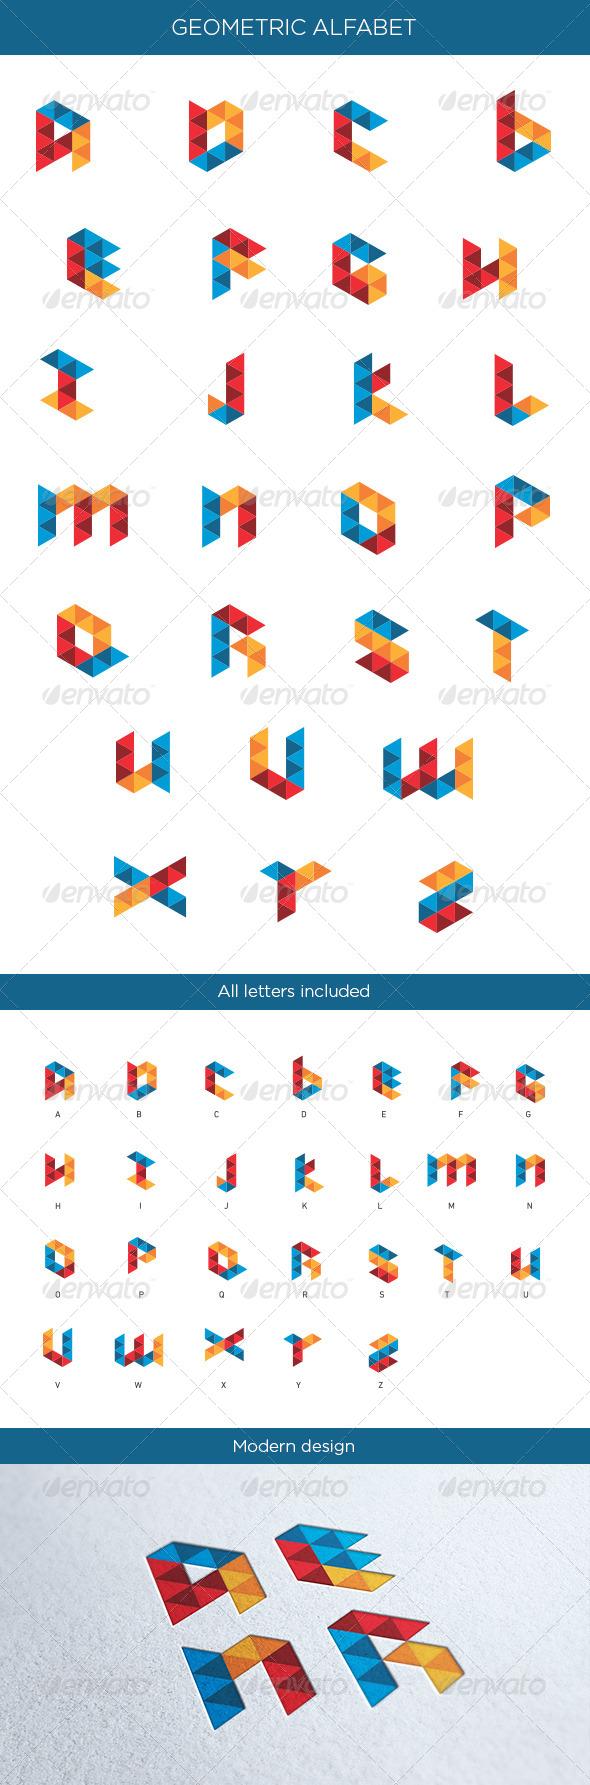 GraphicRiver Geometric Alphabet 4831970